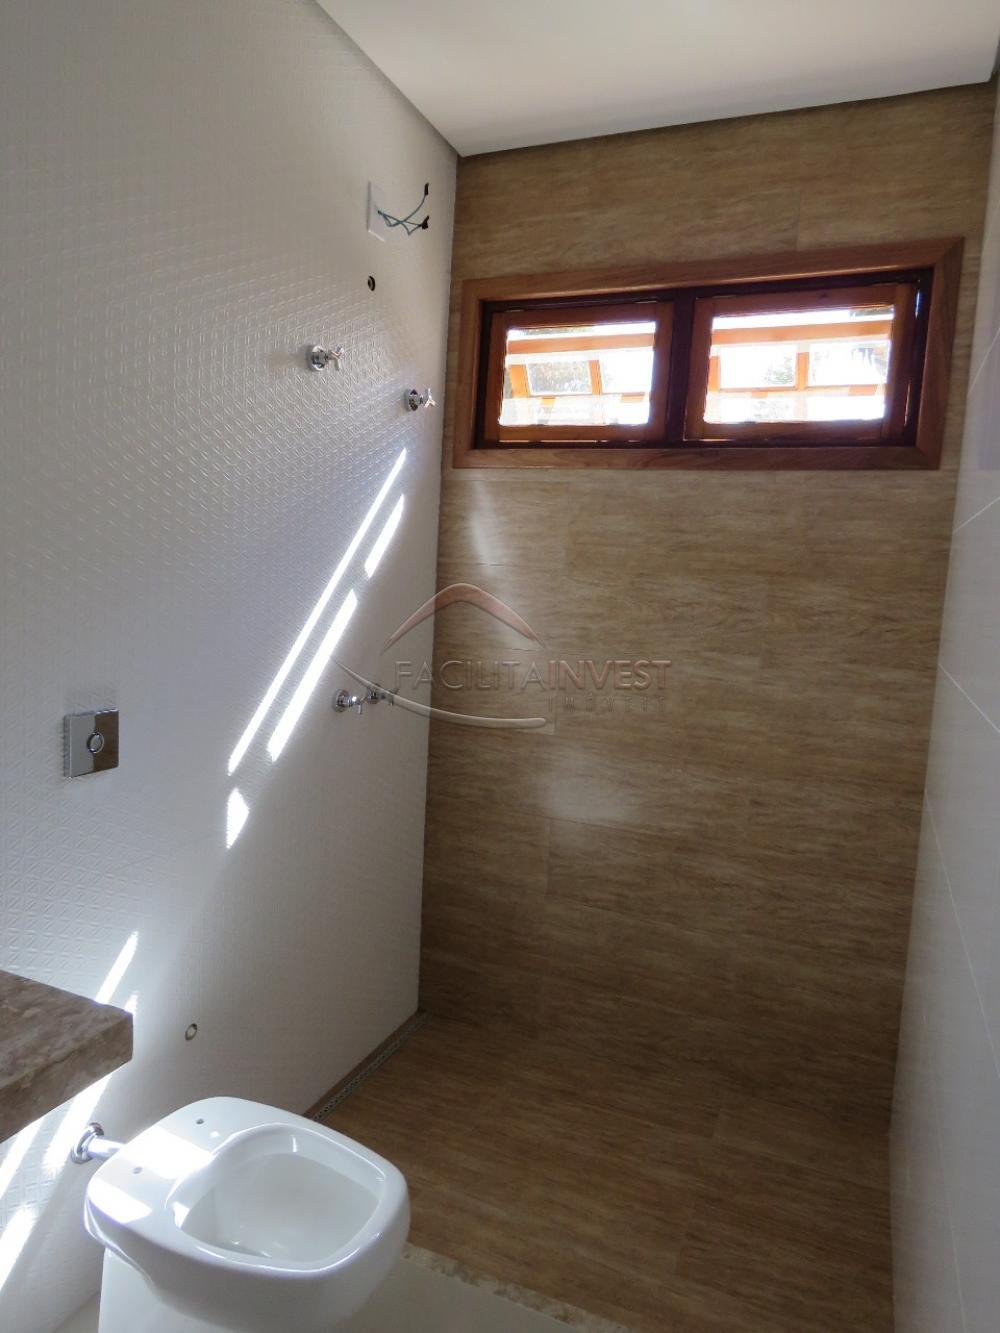 Comprar Chácaras em condomínio / Chácara em condomínio em Ribeirão Preto apenas R$ 1.190.000,00 - Foto 12